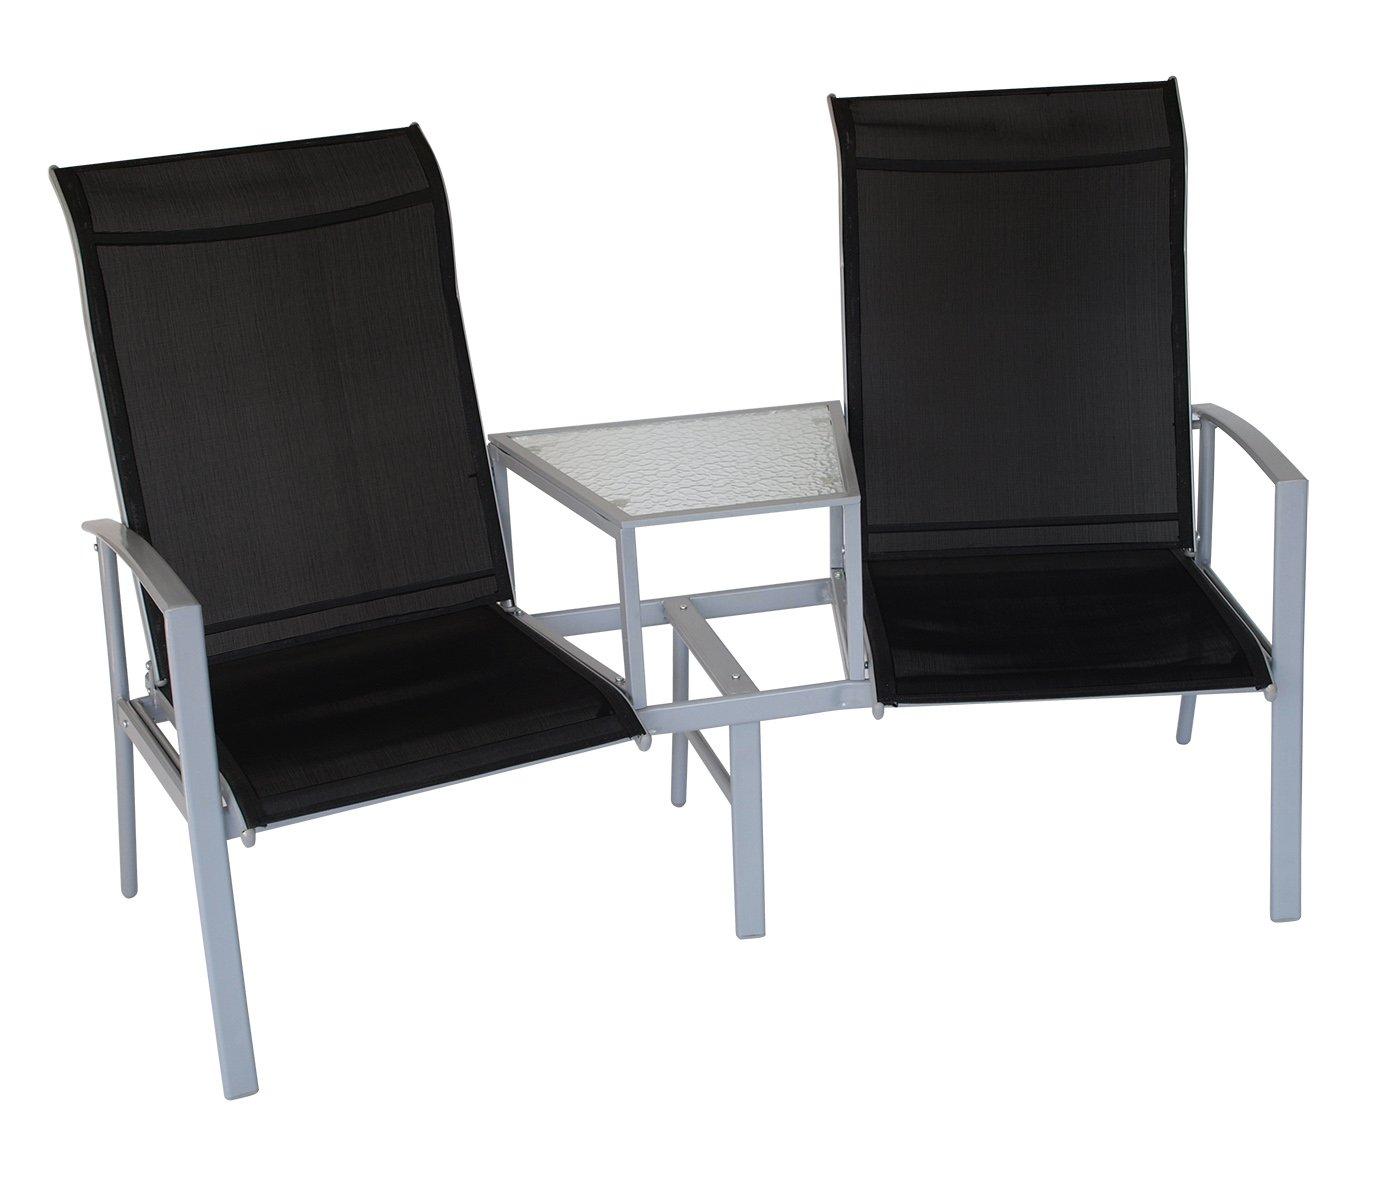 Tete à Tete Bank MERAN 2-sitzer mit Mitteltisch, Stahl + Textilgewebe schwarz kaufen